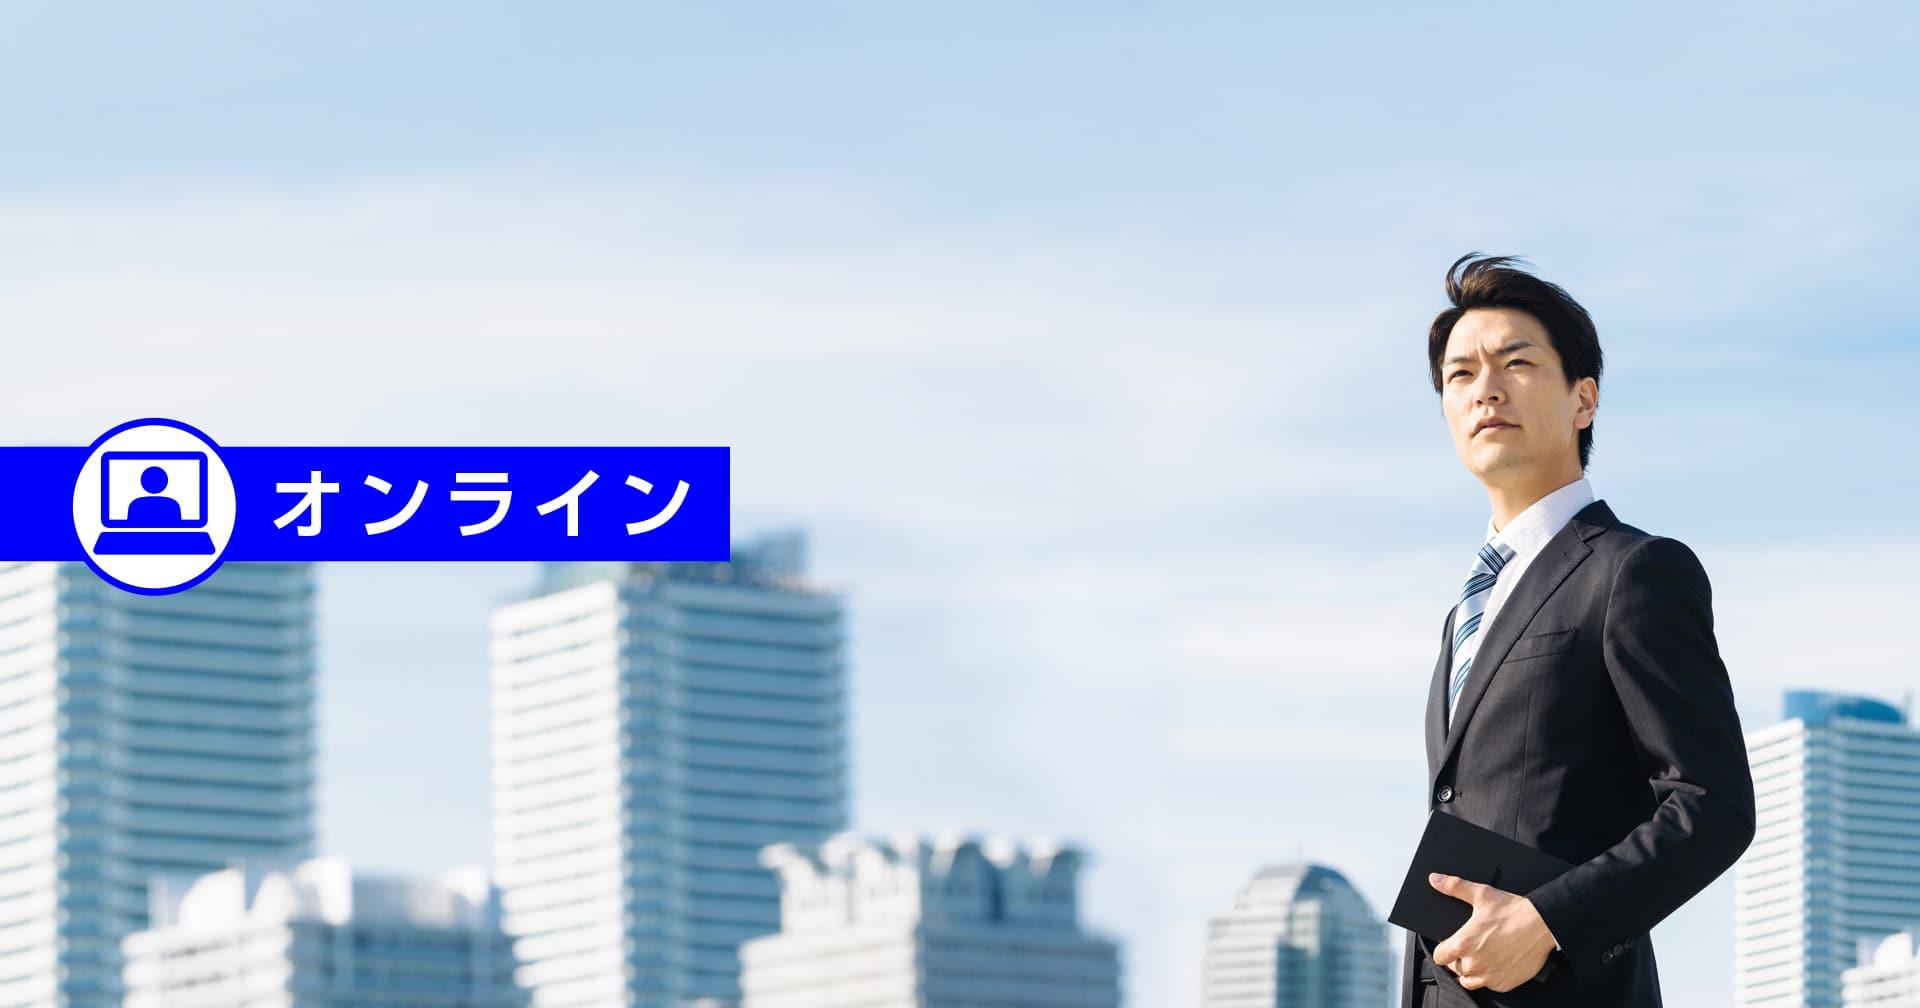 【オンライン版】中堅社員研修 意識革新コース(1日)